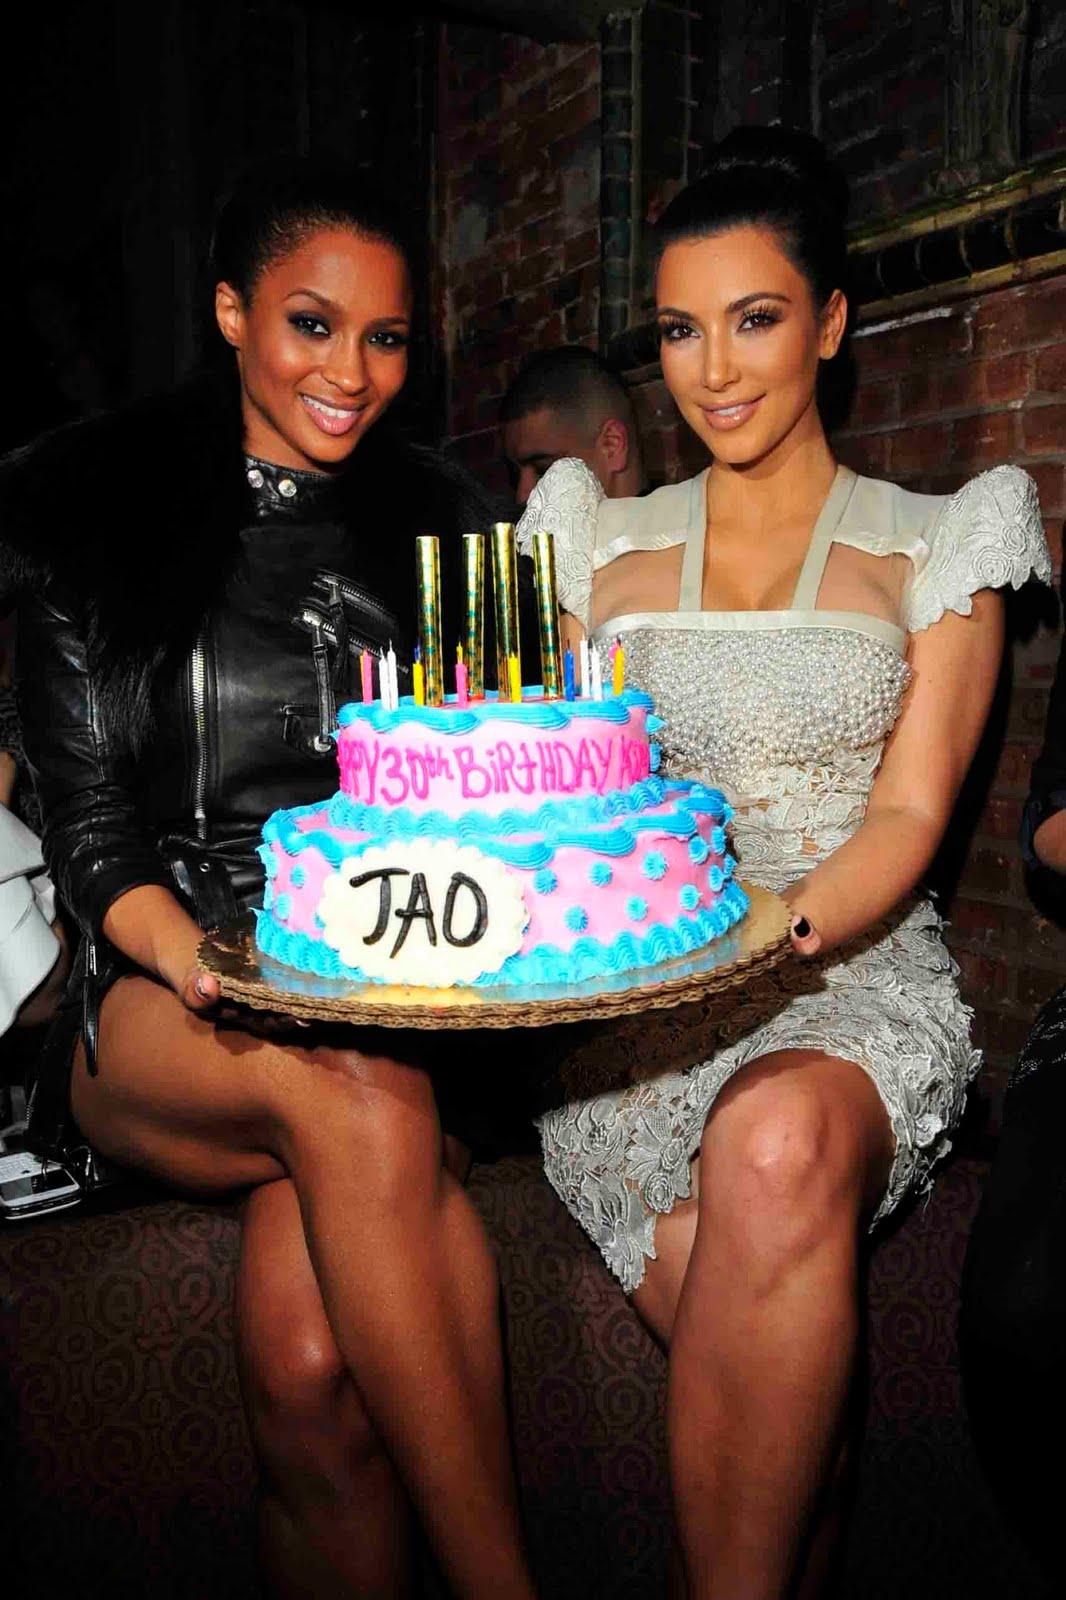 http://3.bp.blogspot.com/_ZZ-CqtHjAnk/TL3quhbd34I/AAAAAAAB-Wg/lj0Gv7GYEMA/s1600/Ciara+With+Kim+Kardashian.jpg